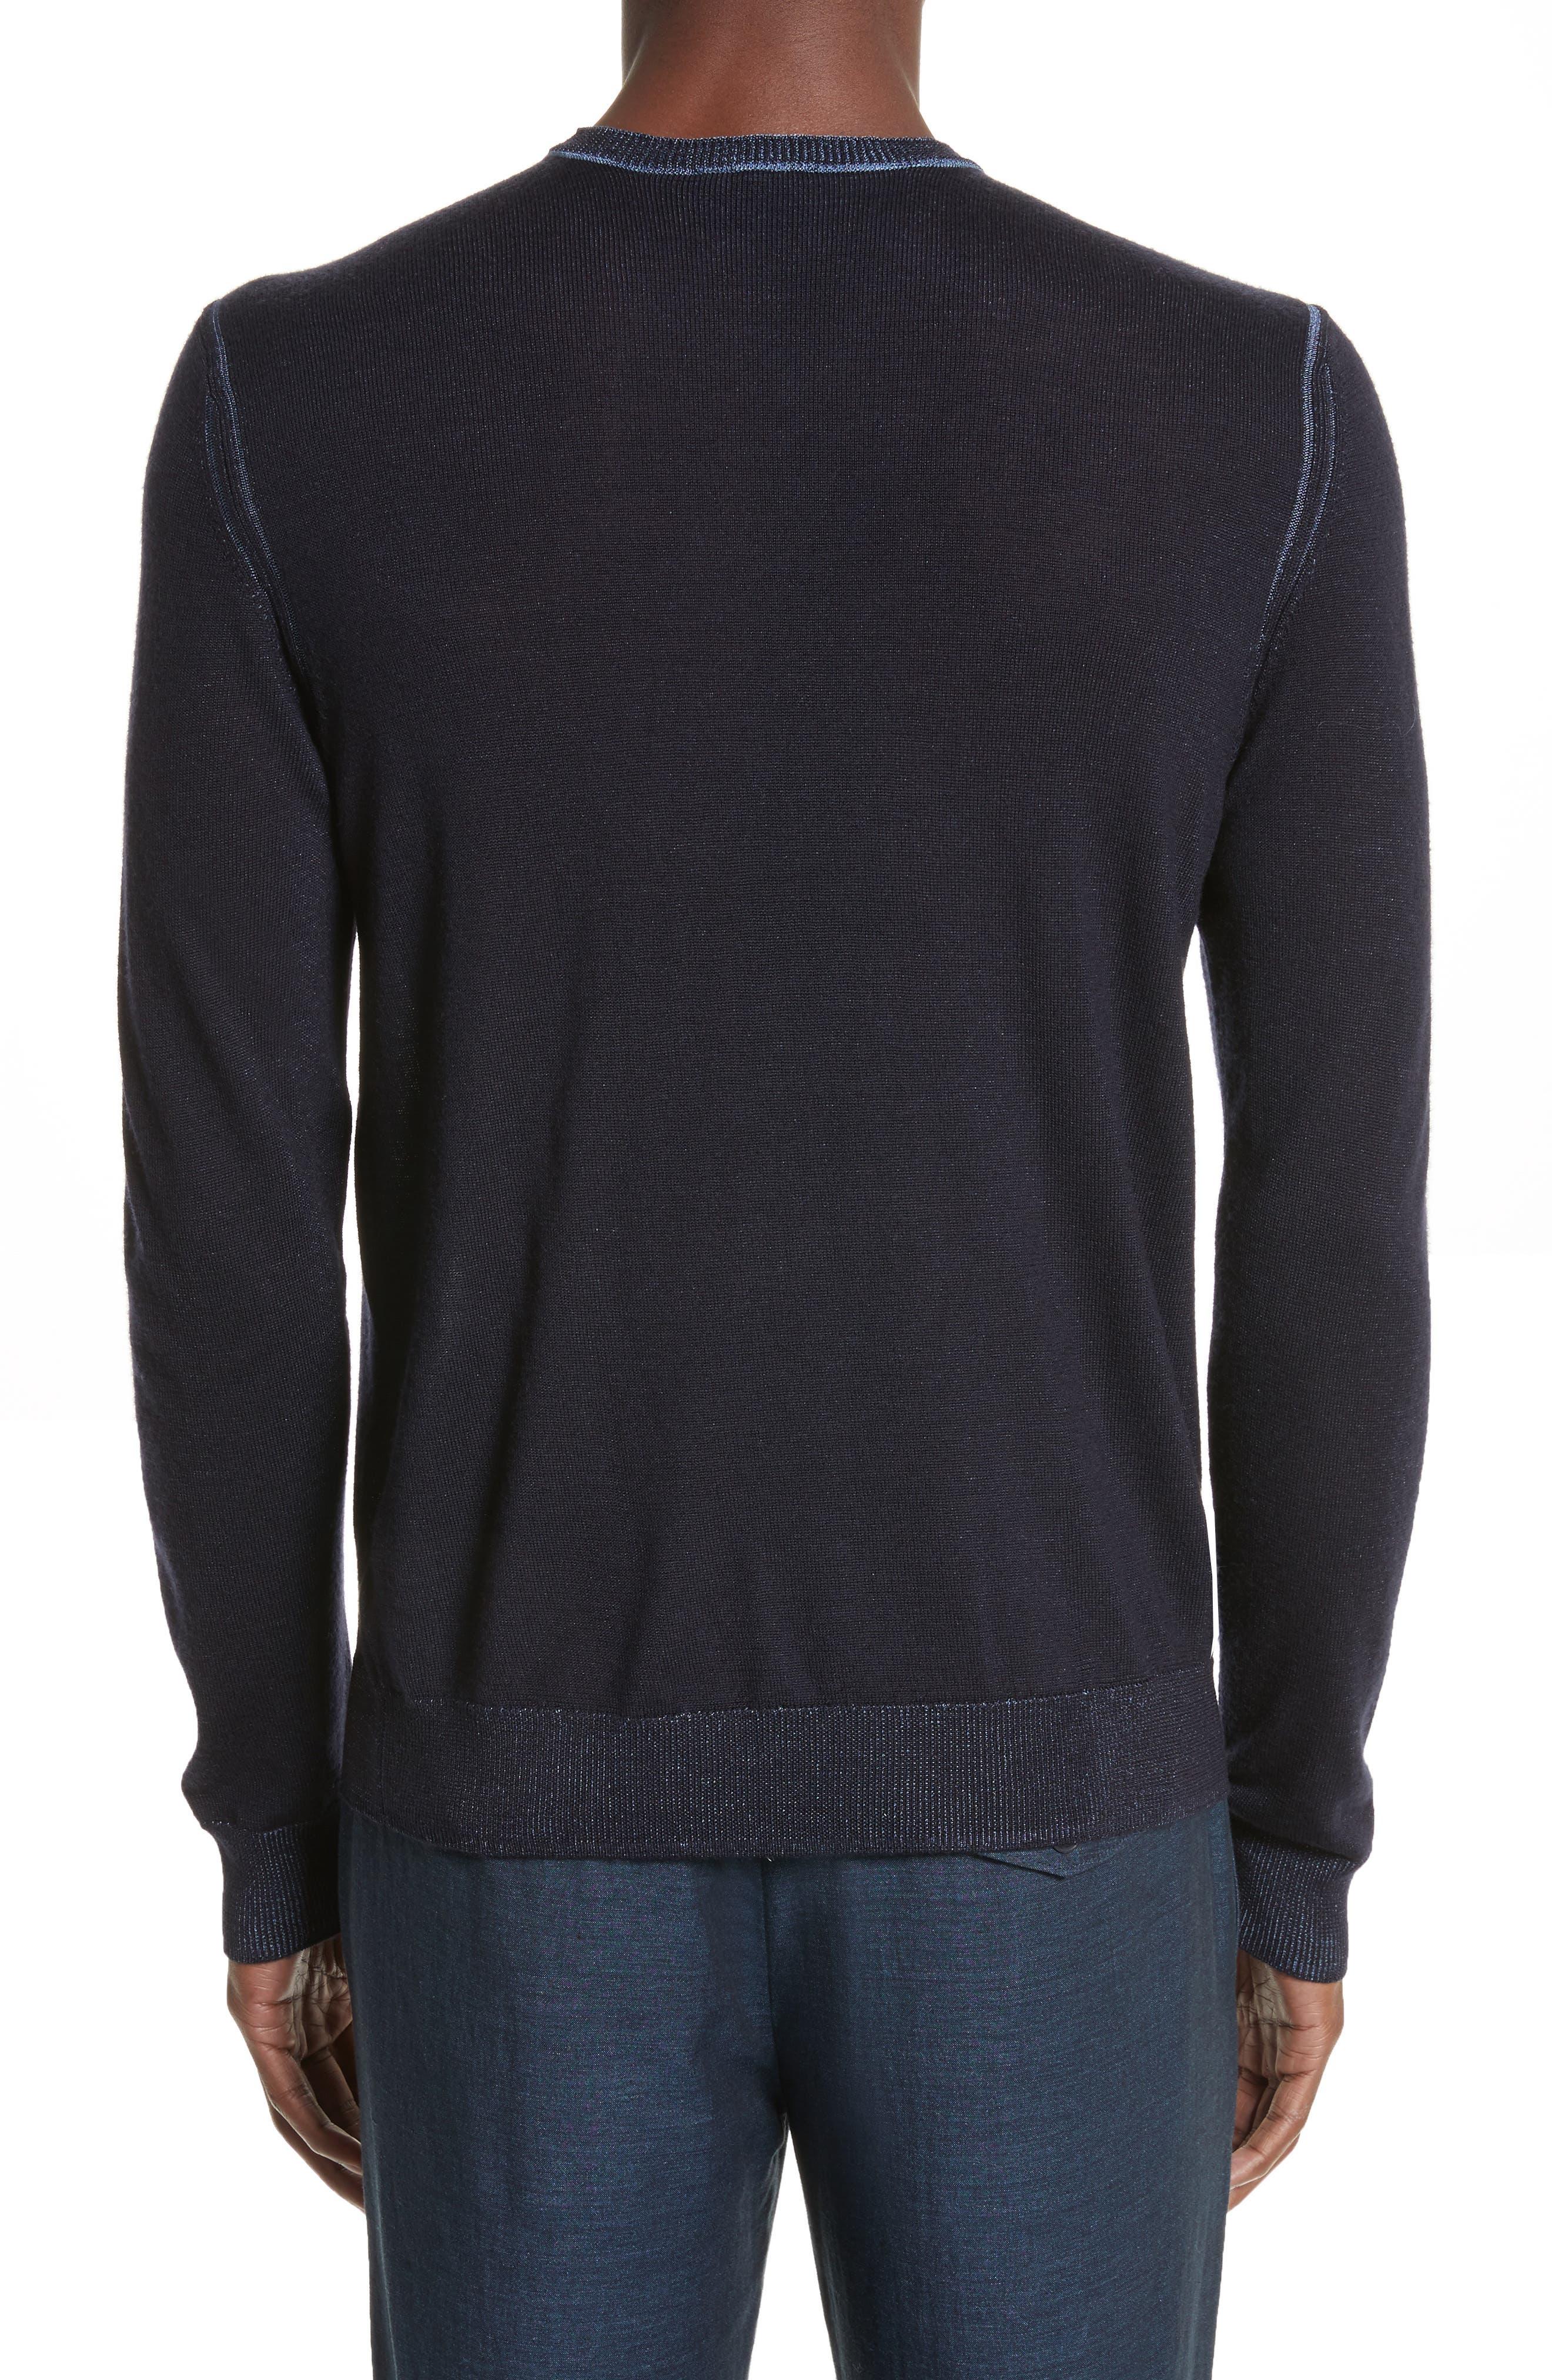 AJ V-Neck Sweater,                             Alternate thumbnail 2, color,                             Night Blue